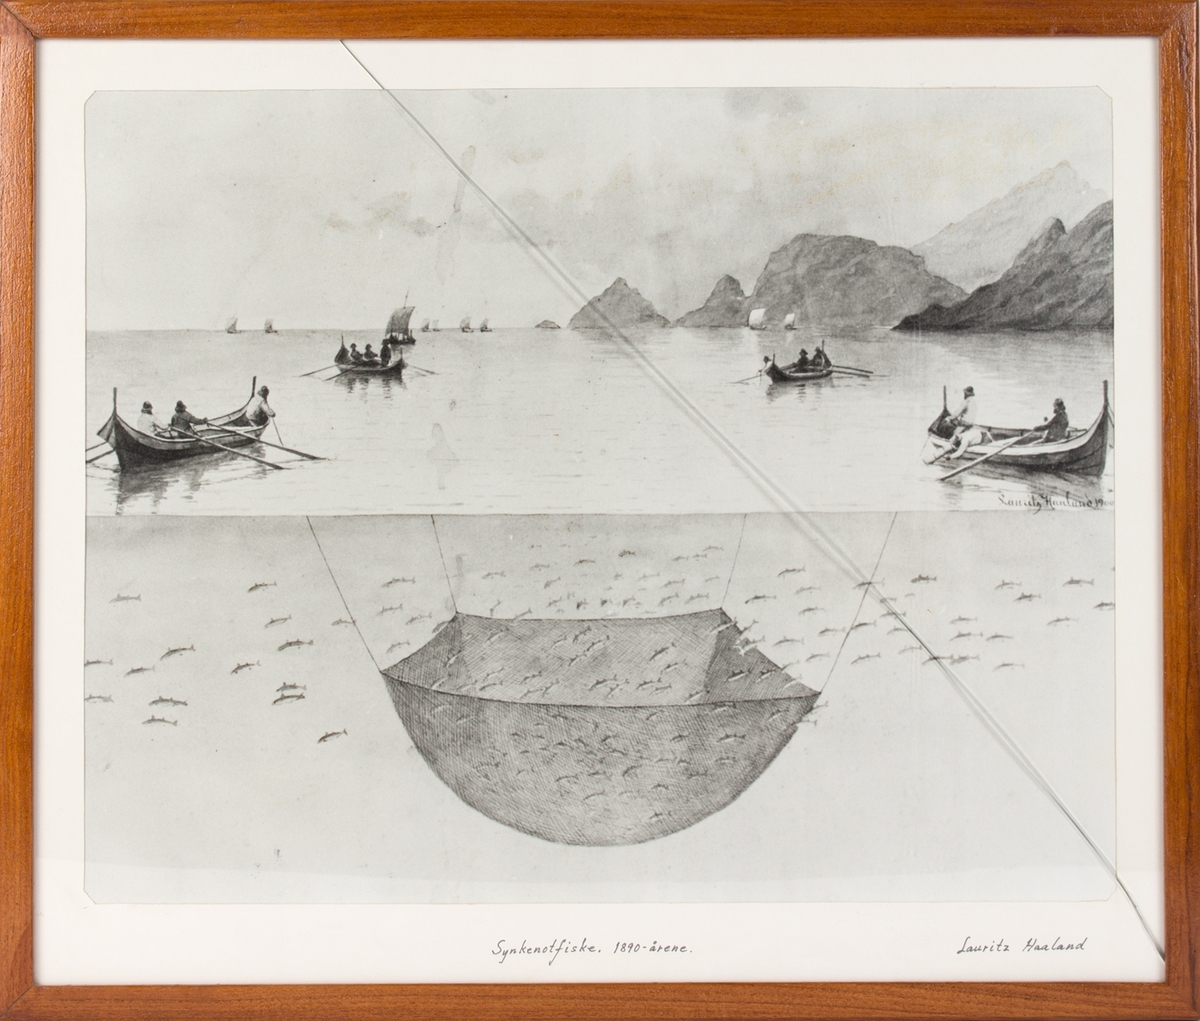 """Kopi av tegning av """"Synkenotfiske,1890 årene"""". Ser flere småbåter som setter ut en synkenot langs norskekysten."""